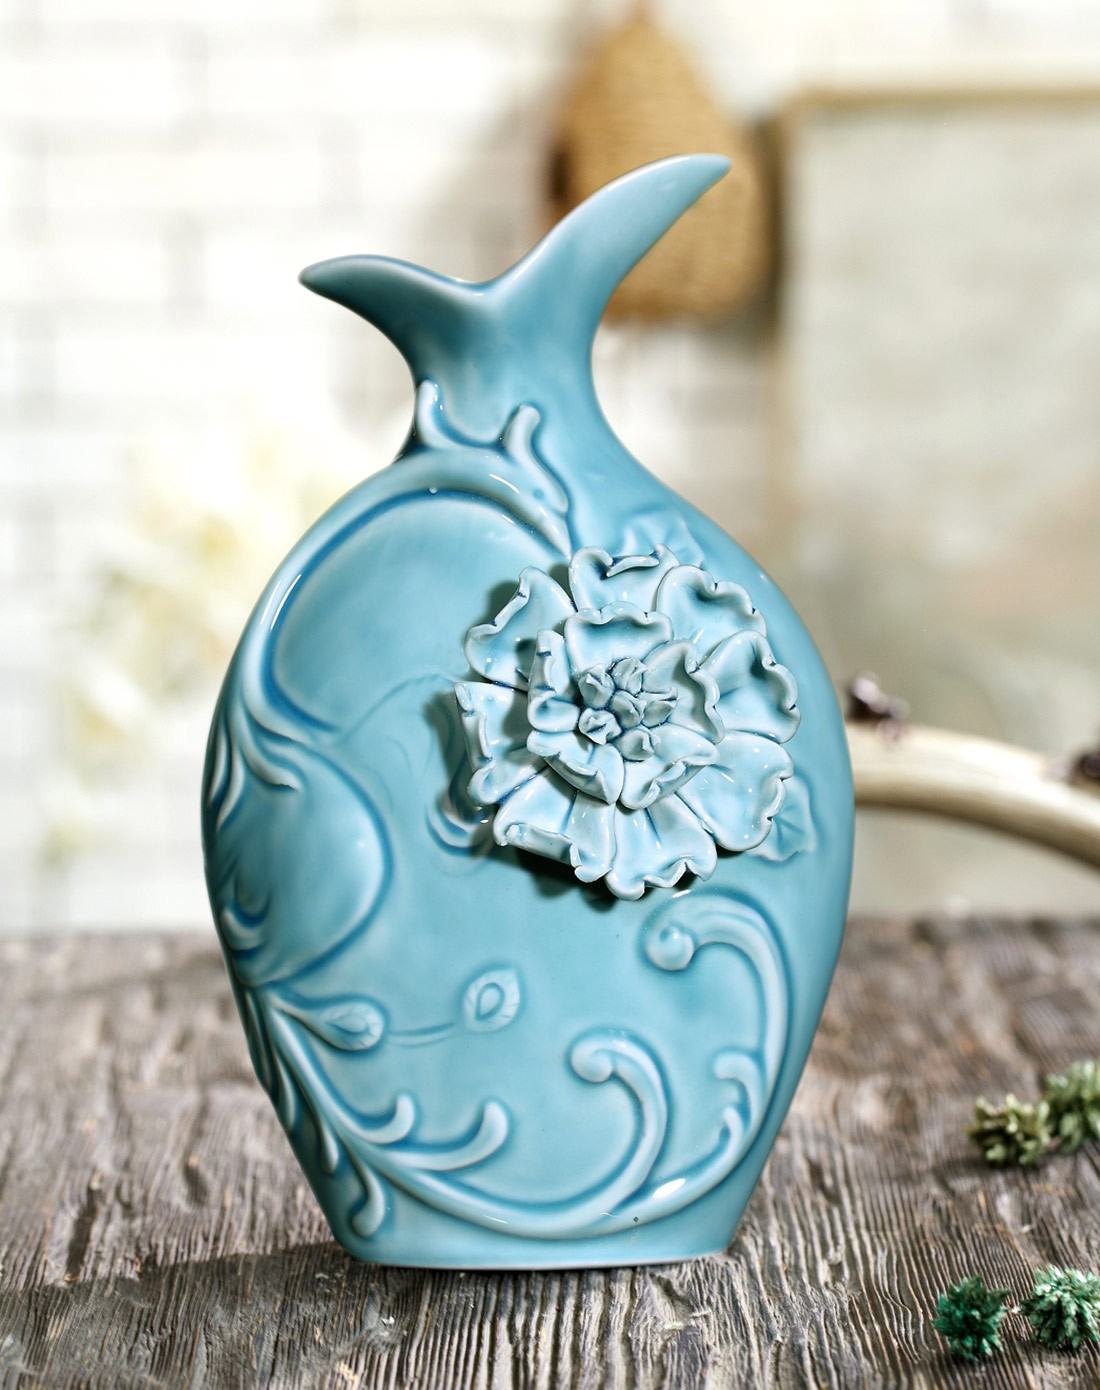 欧式陶瓷浮雕手绘图片